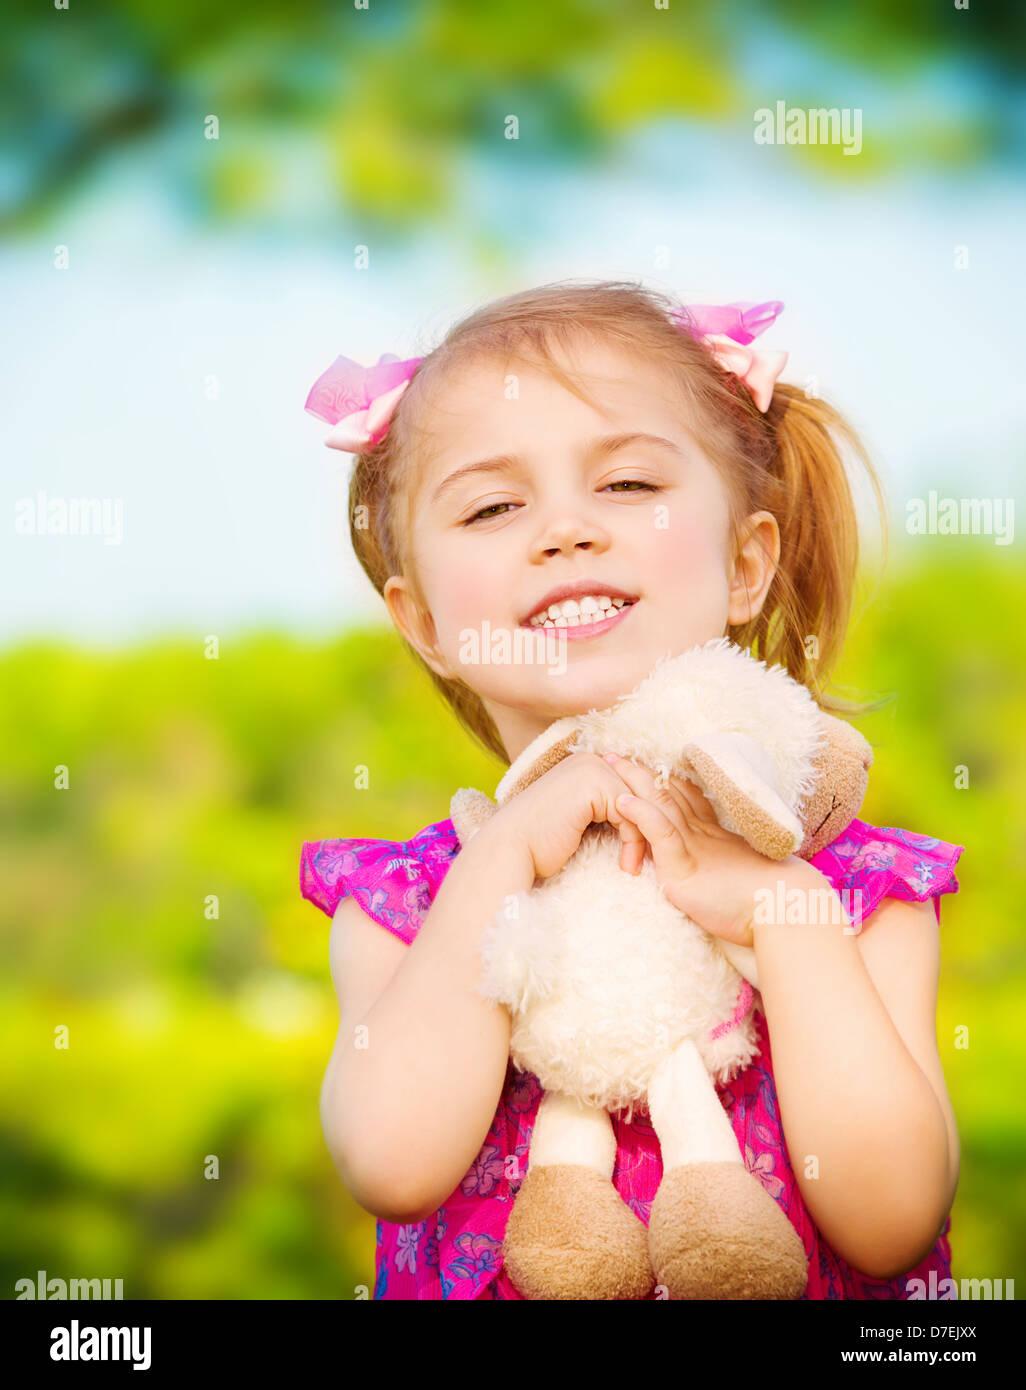 Süßes kleines Mädchen umarmen Stofftier im Freien im Frühling, Rollenspiel auf Hinterhof, Tagespflege, Stockbild